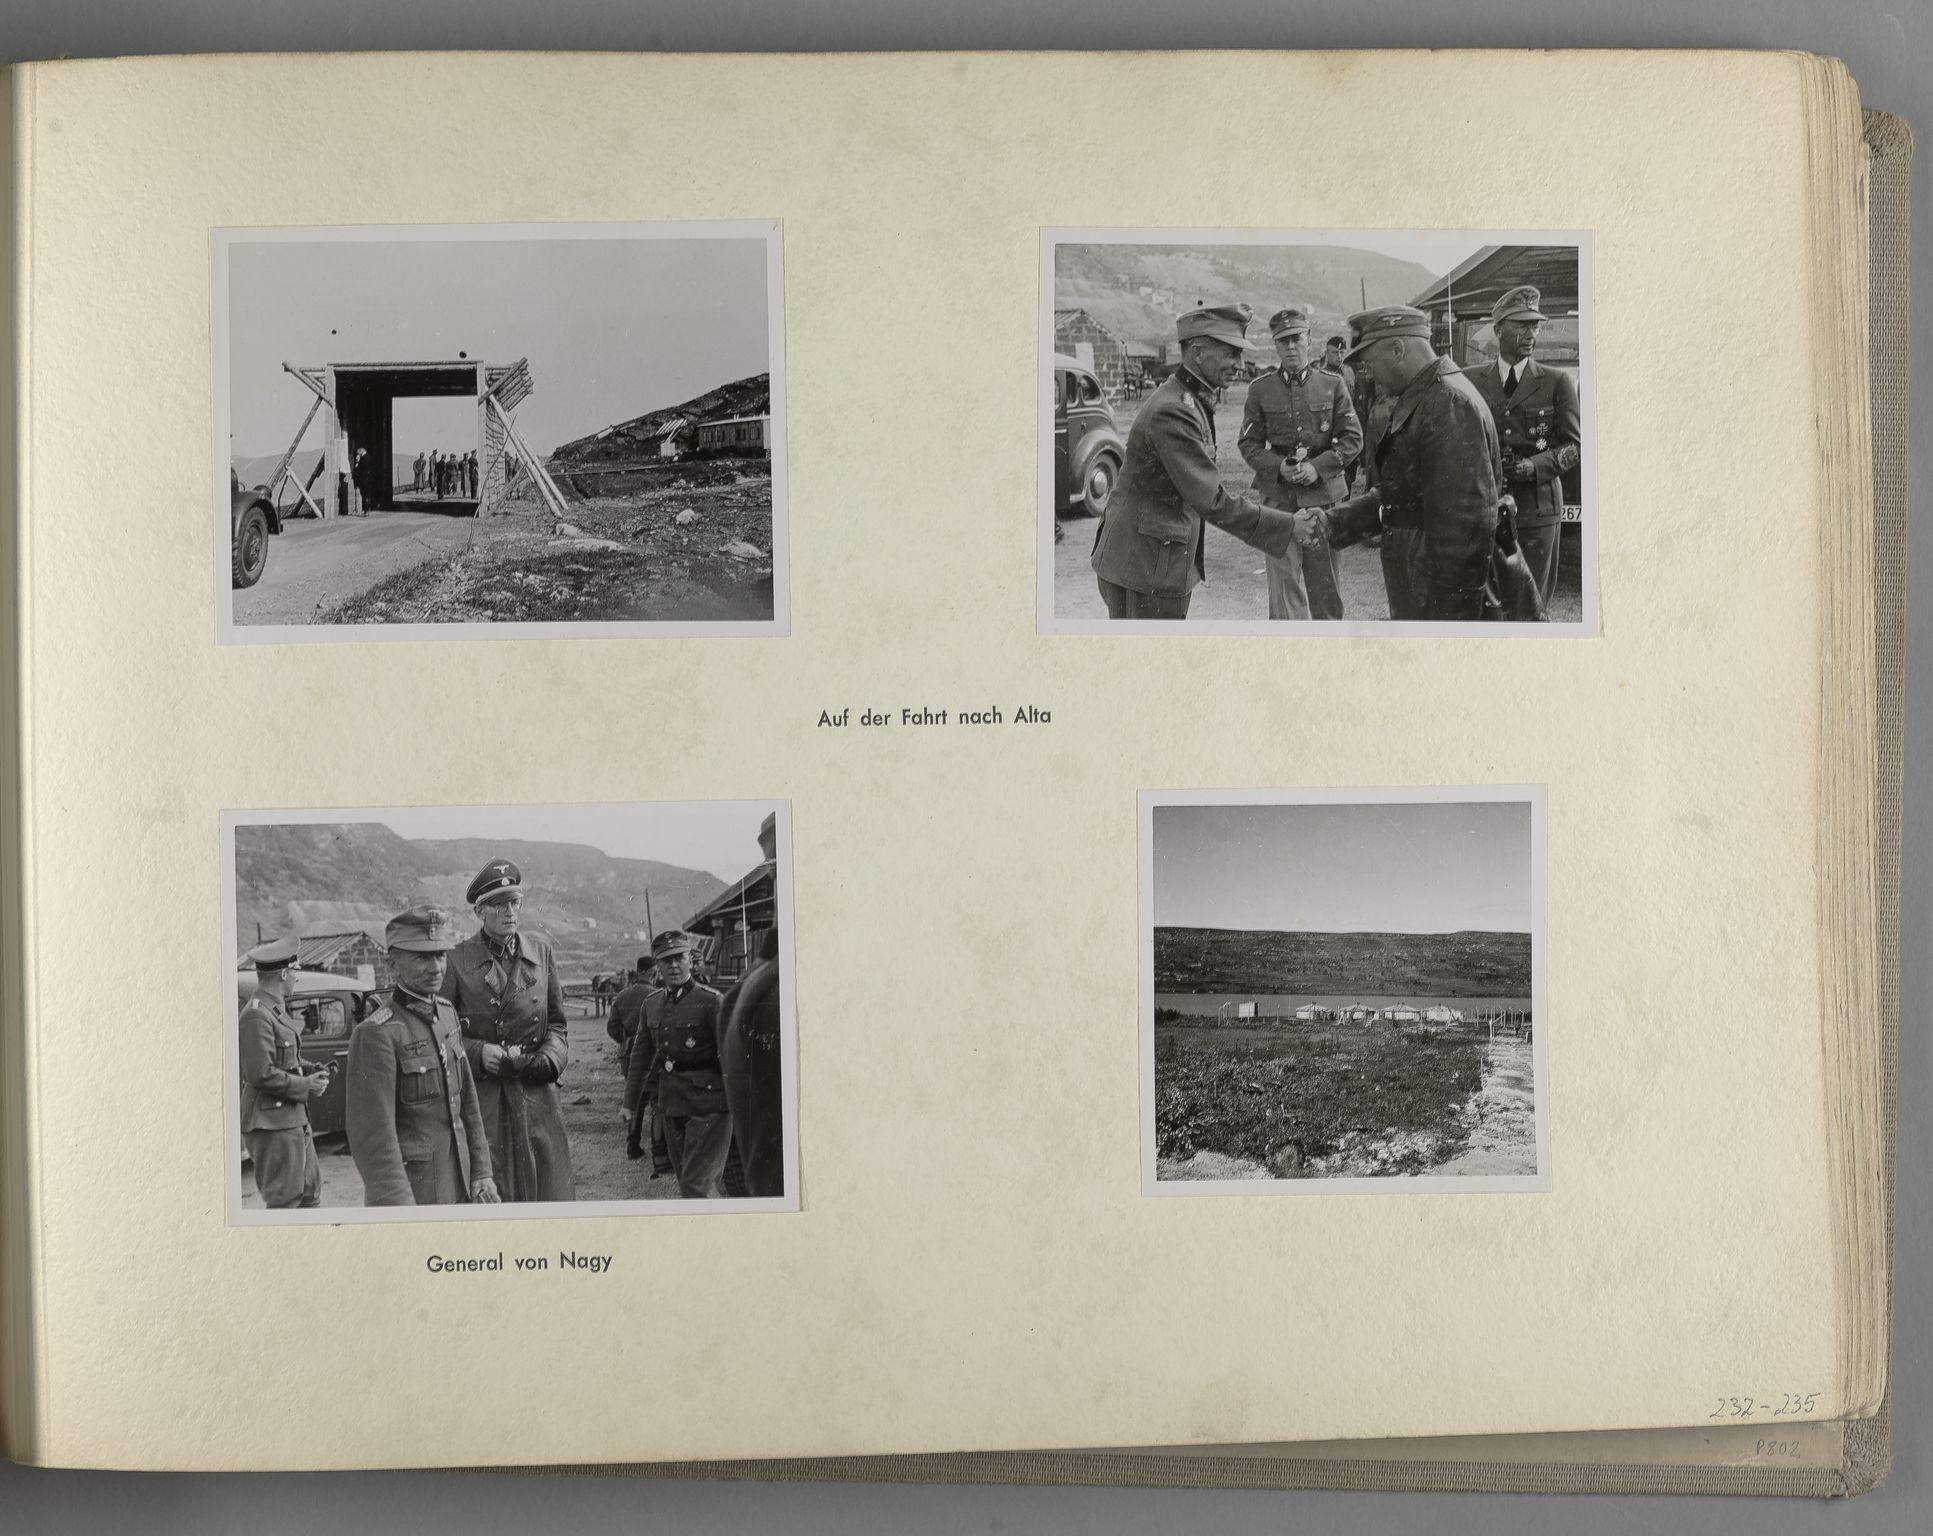 RA, Tyske arkiver, Reichskommissariat, Bildarchiv, U/L0071: Fotoalbum: Mit dem Reichskommissar nach Nordnorwegen und Finnland 10. bis 27. Juli 1942, 1942, s. 95